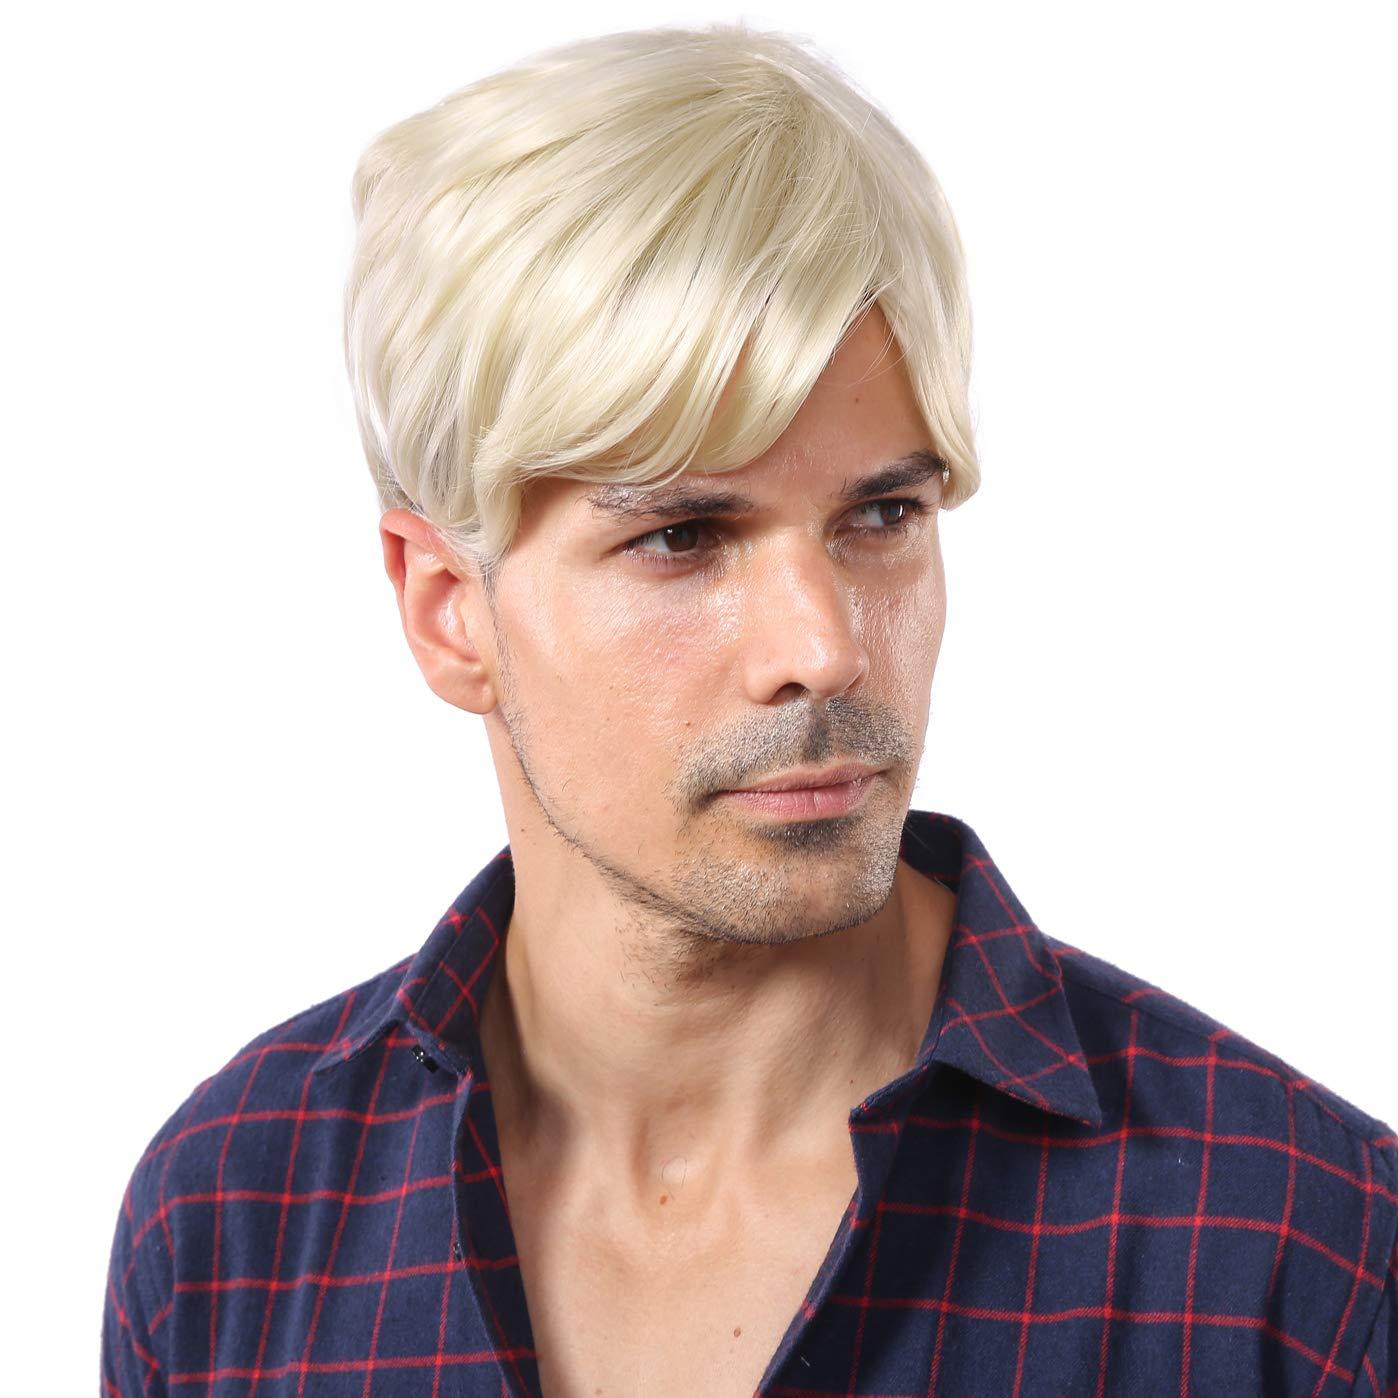 Blonde Short Wigs for Men Halloween Wig Trump